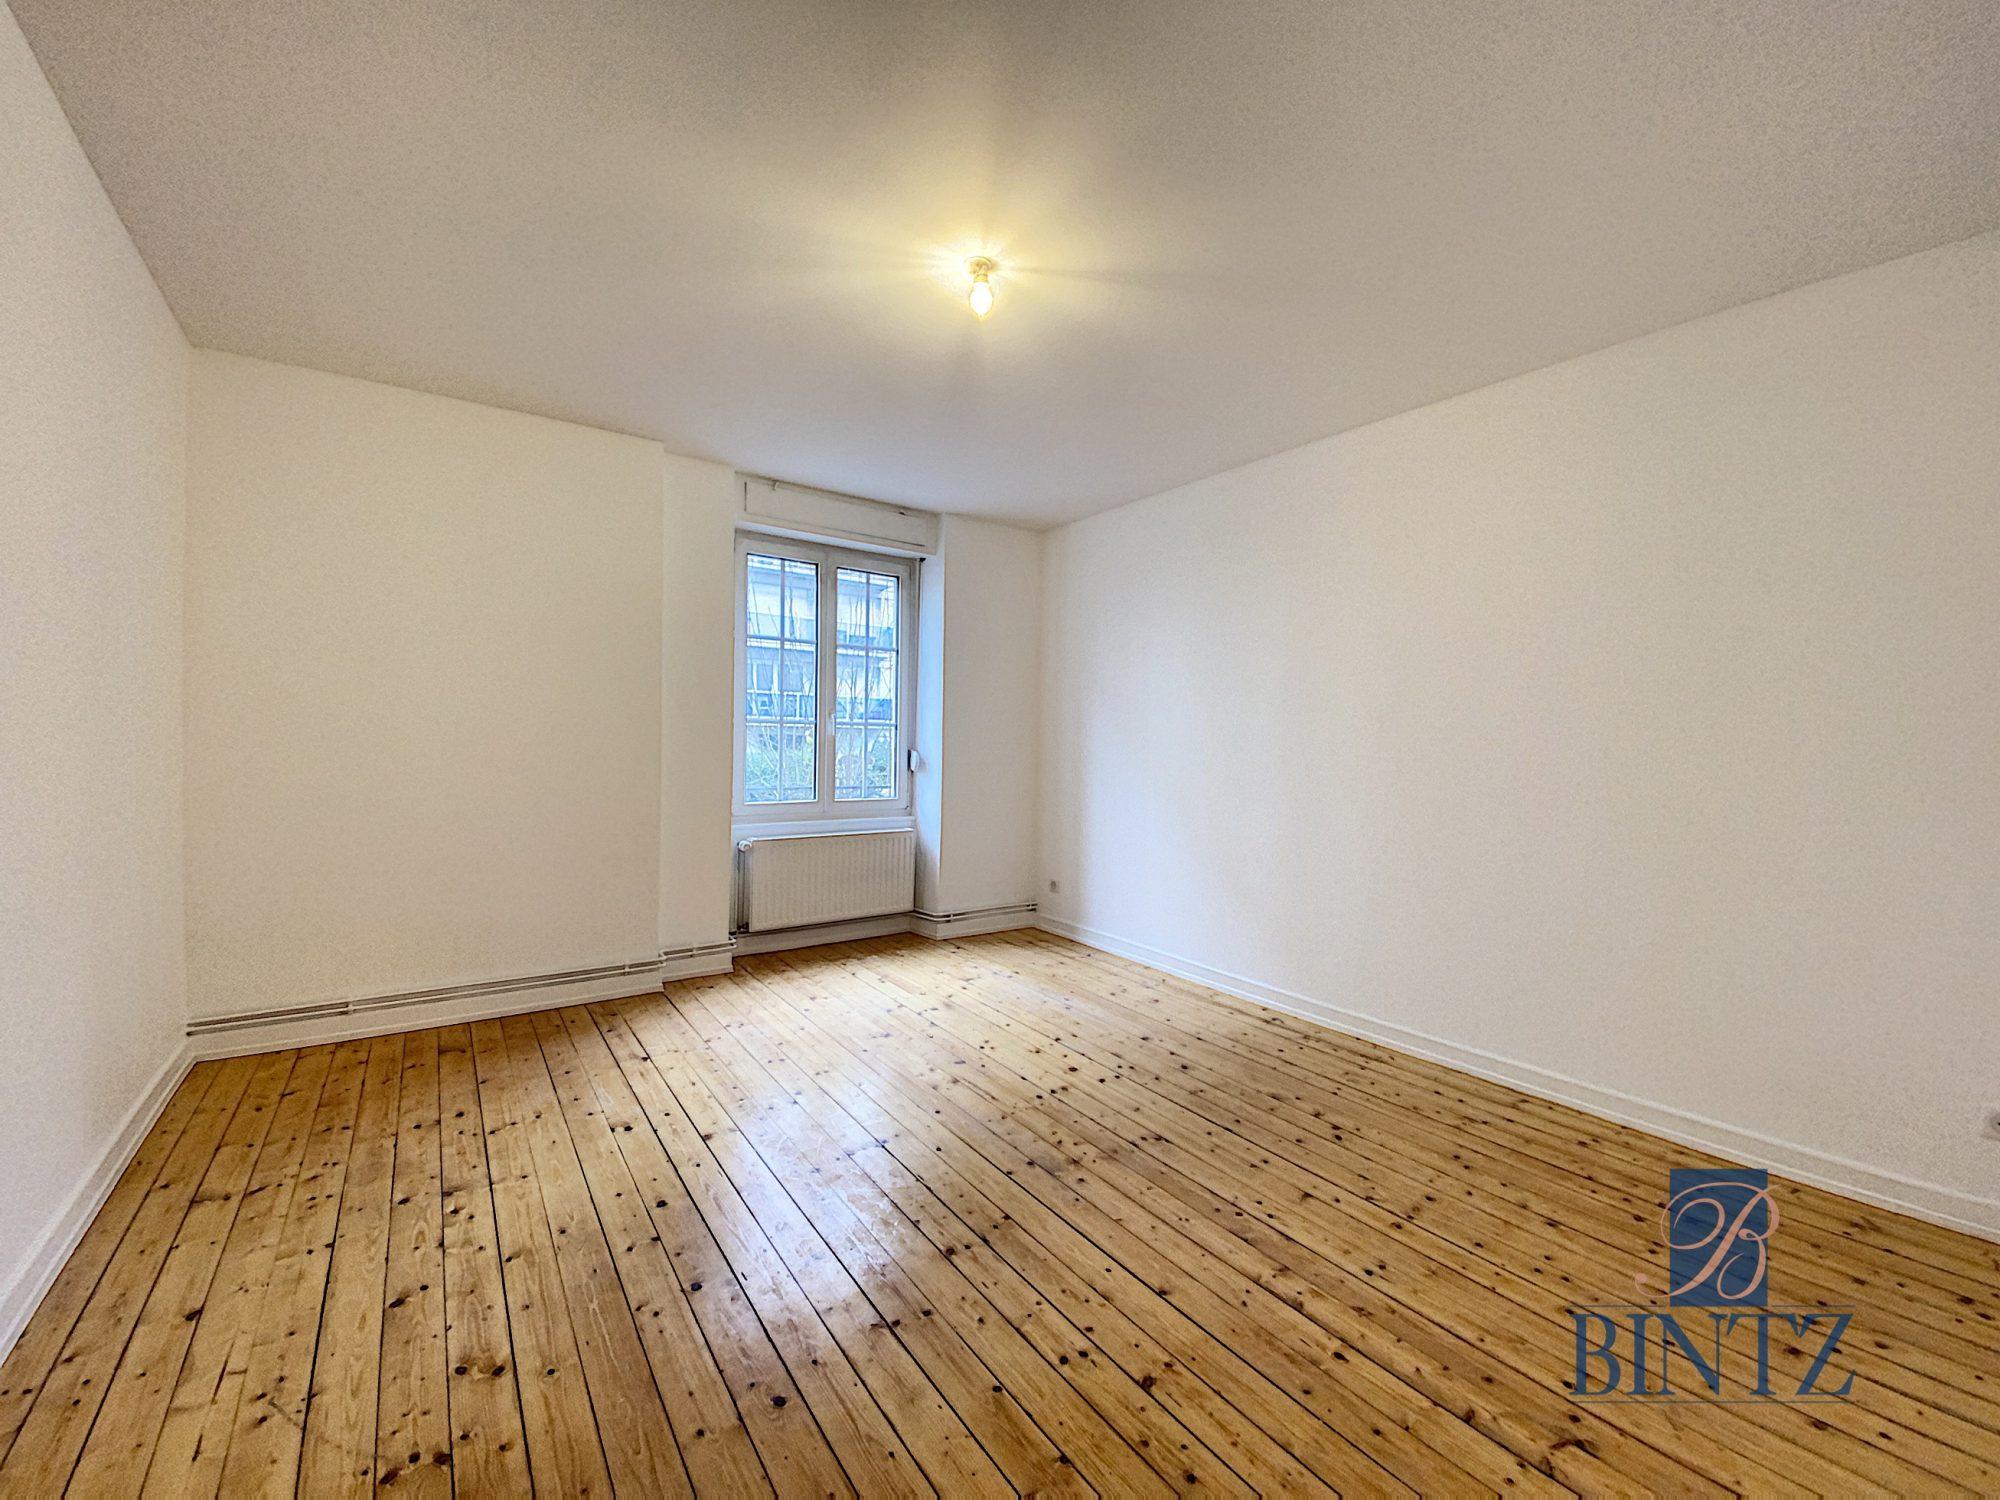 Appartement 3 pièces 69m2 dans le quartier des XV - Devenez propriétaire en toute confiance - Bintz Immobilier - 12